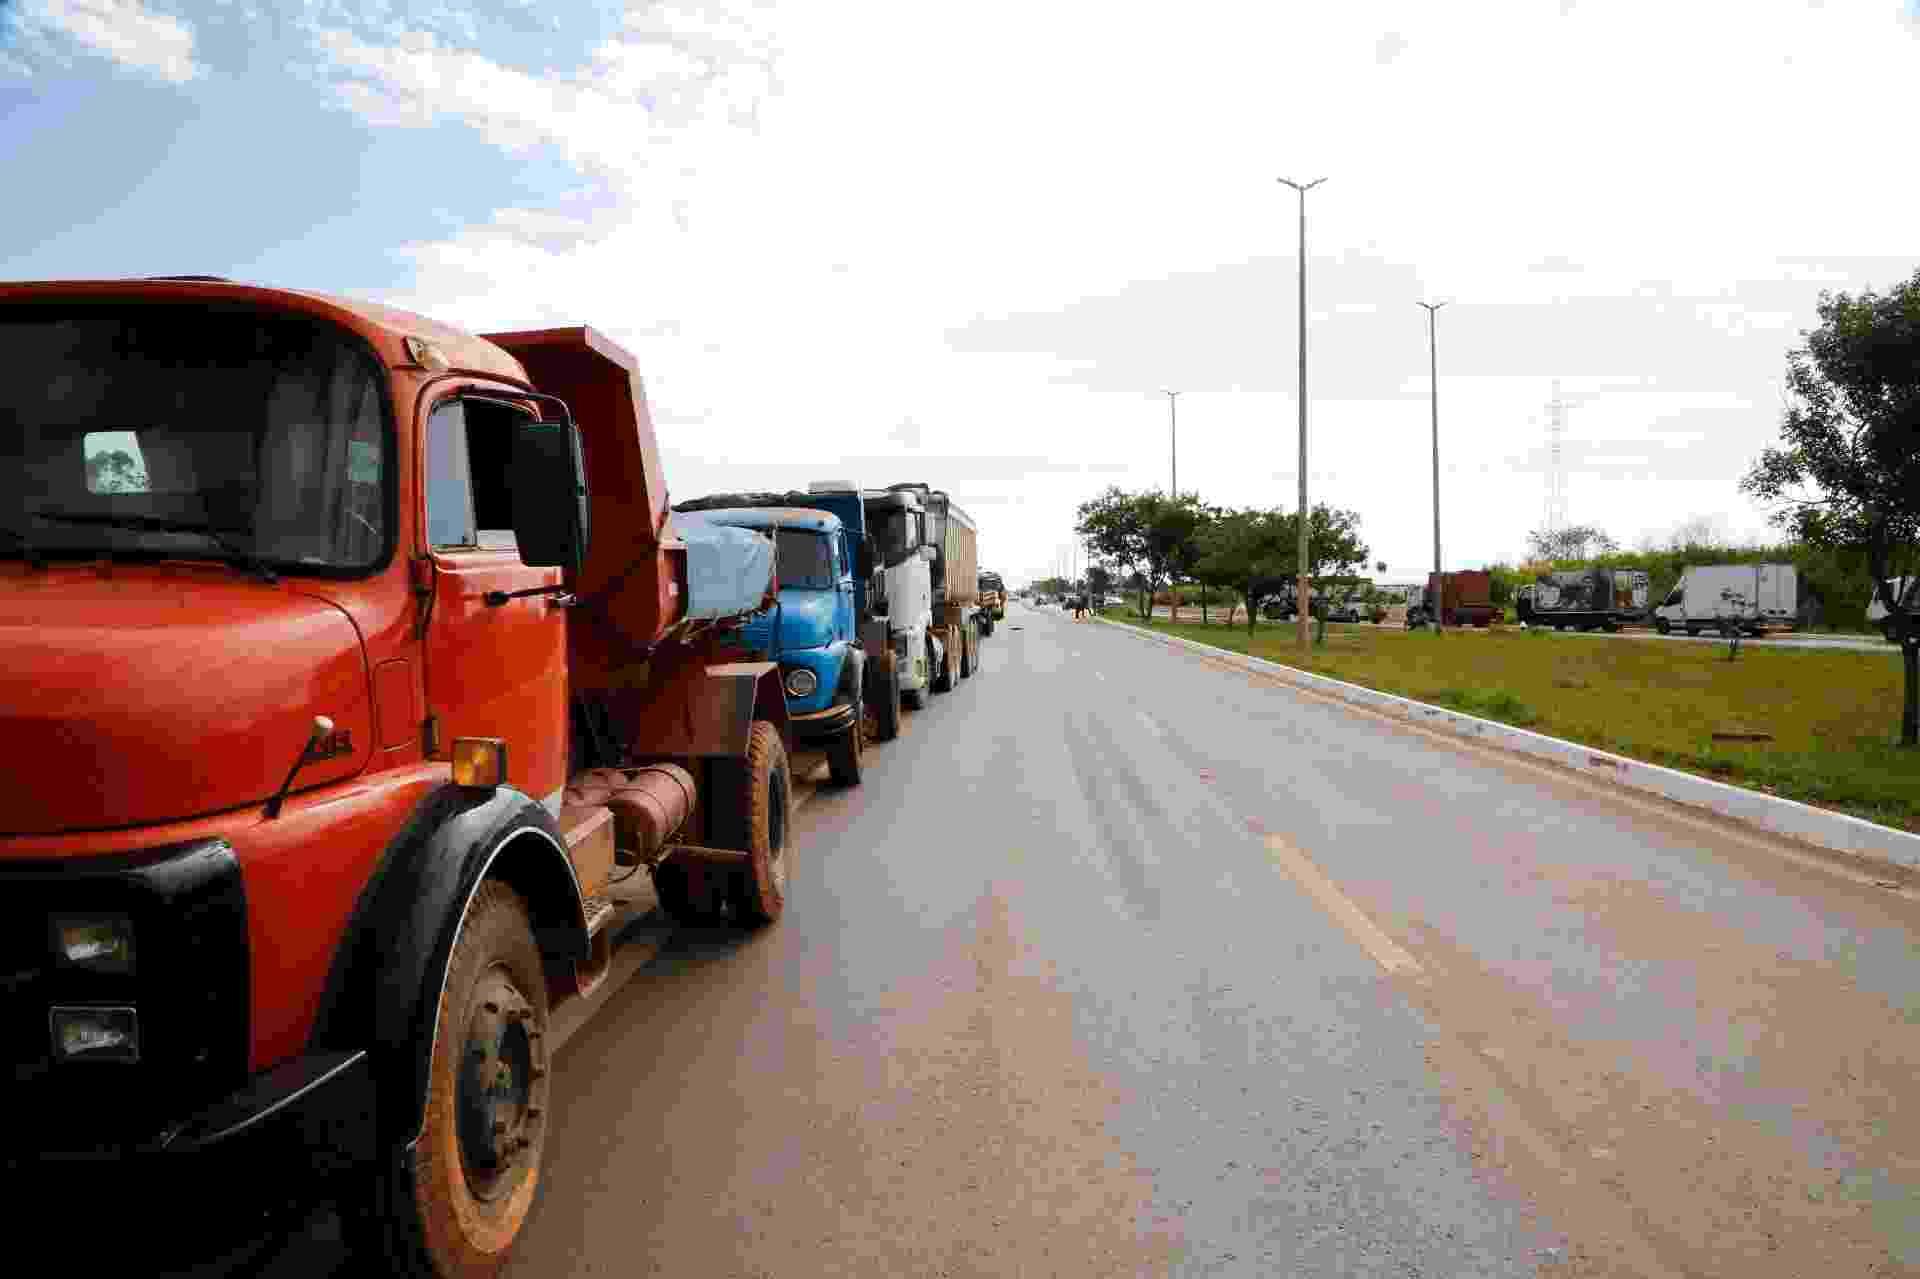 Caminhoneiros bloqueiam a DF-001, ligação do Distrito Federal com o estado de Goiás, nesta quinta-feira (24). Só carros de passeio estão sendo liberados - Walterson Rosa/Framephoto/Estadão Conteúdo